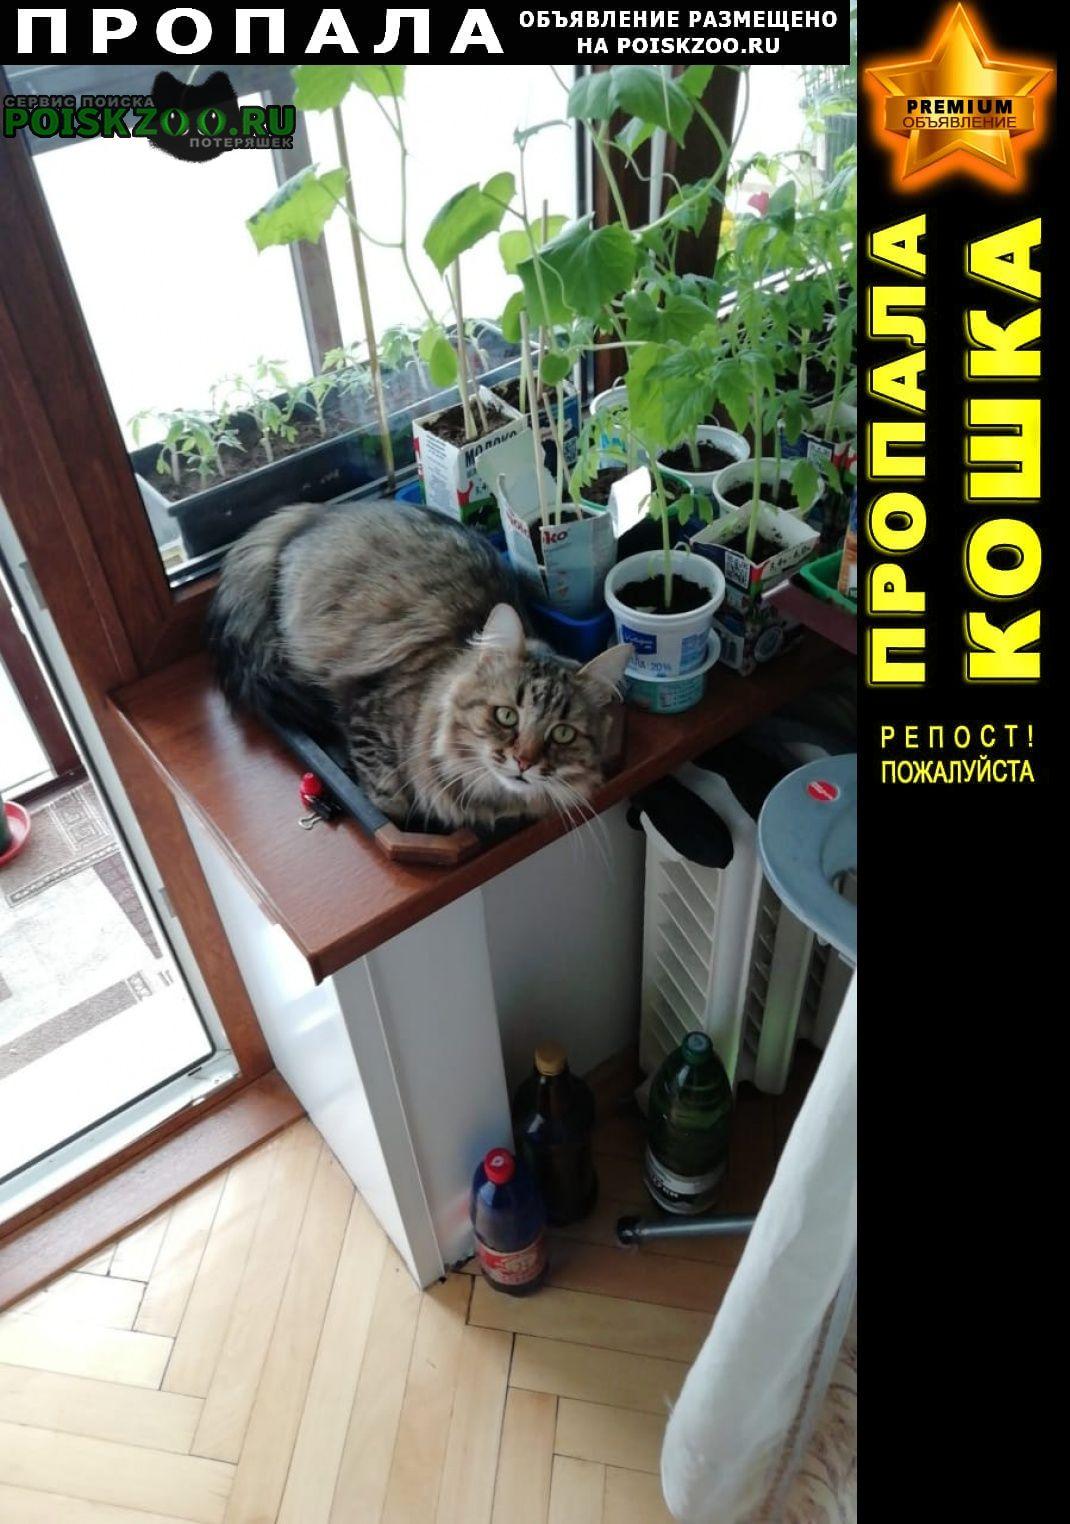 Пропала кошка Хотьково